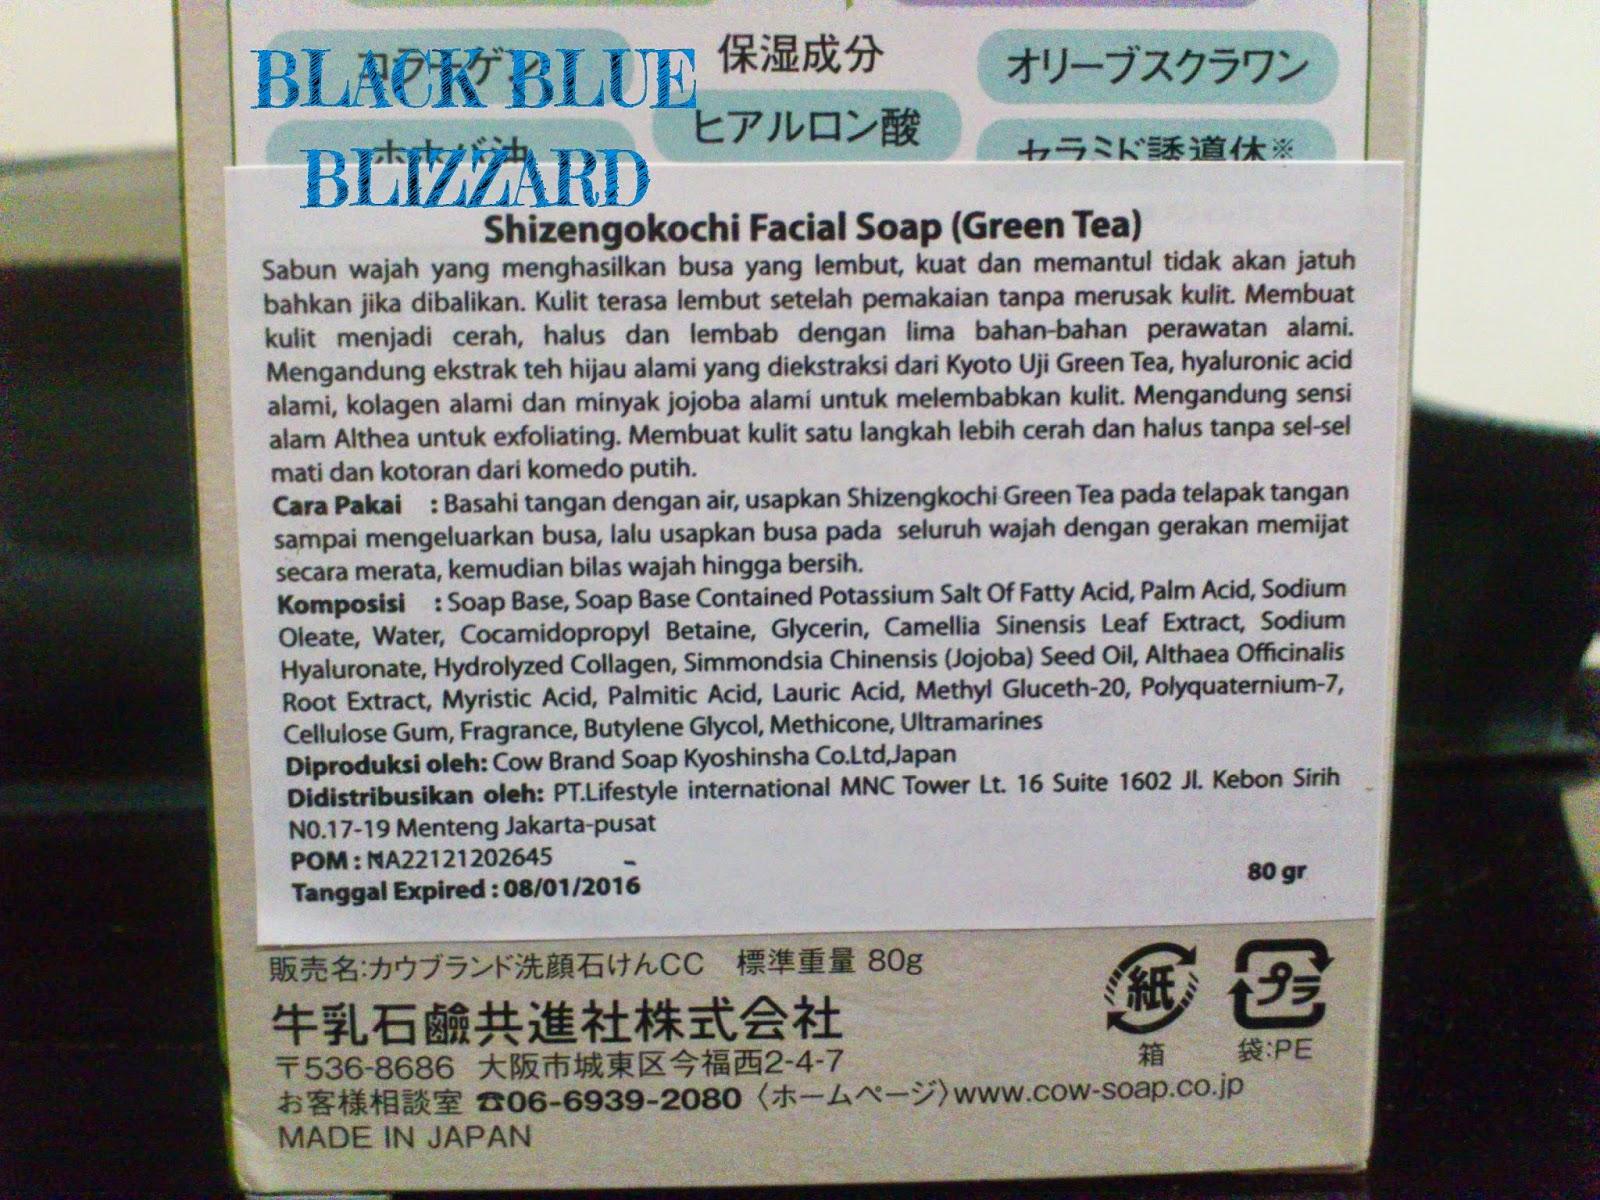 shizengokochi facial soap review, cowbrand shizengokochi, shizengokochi green tea facial soap review, shizengokochi blogger review, cowbrand indonesia